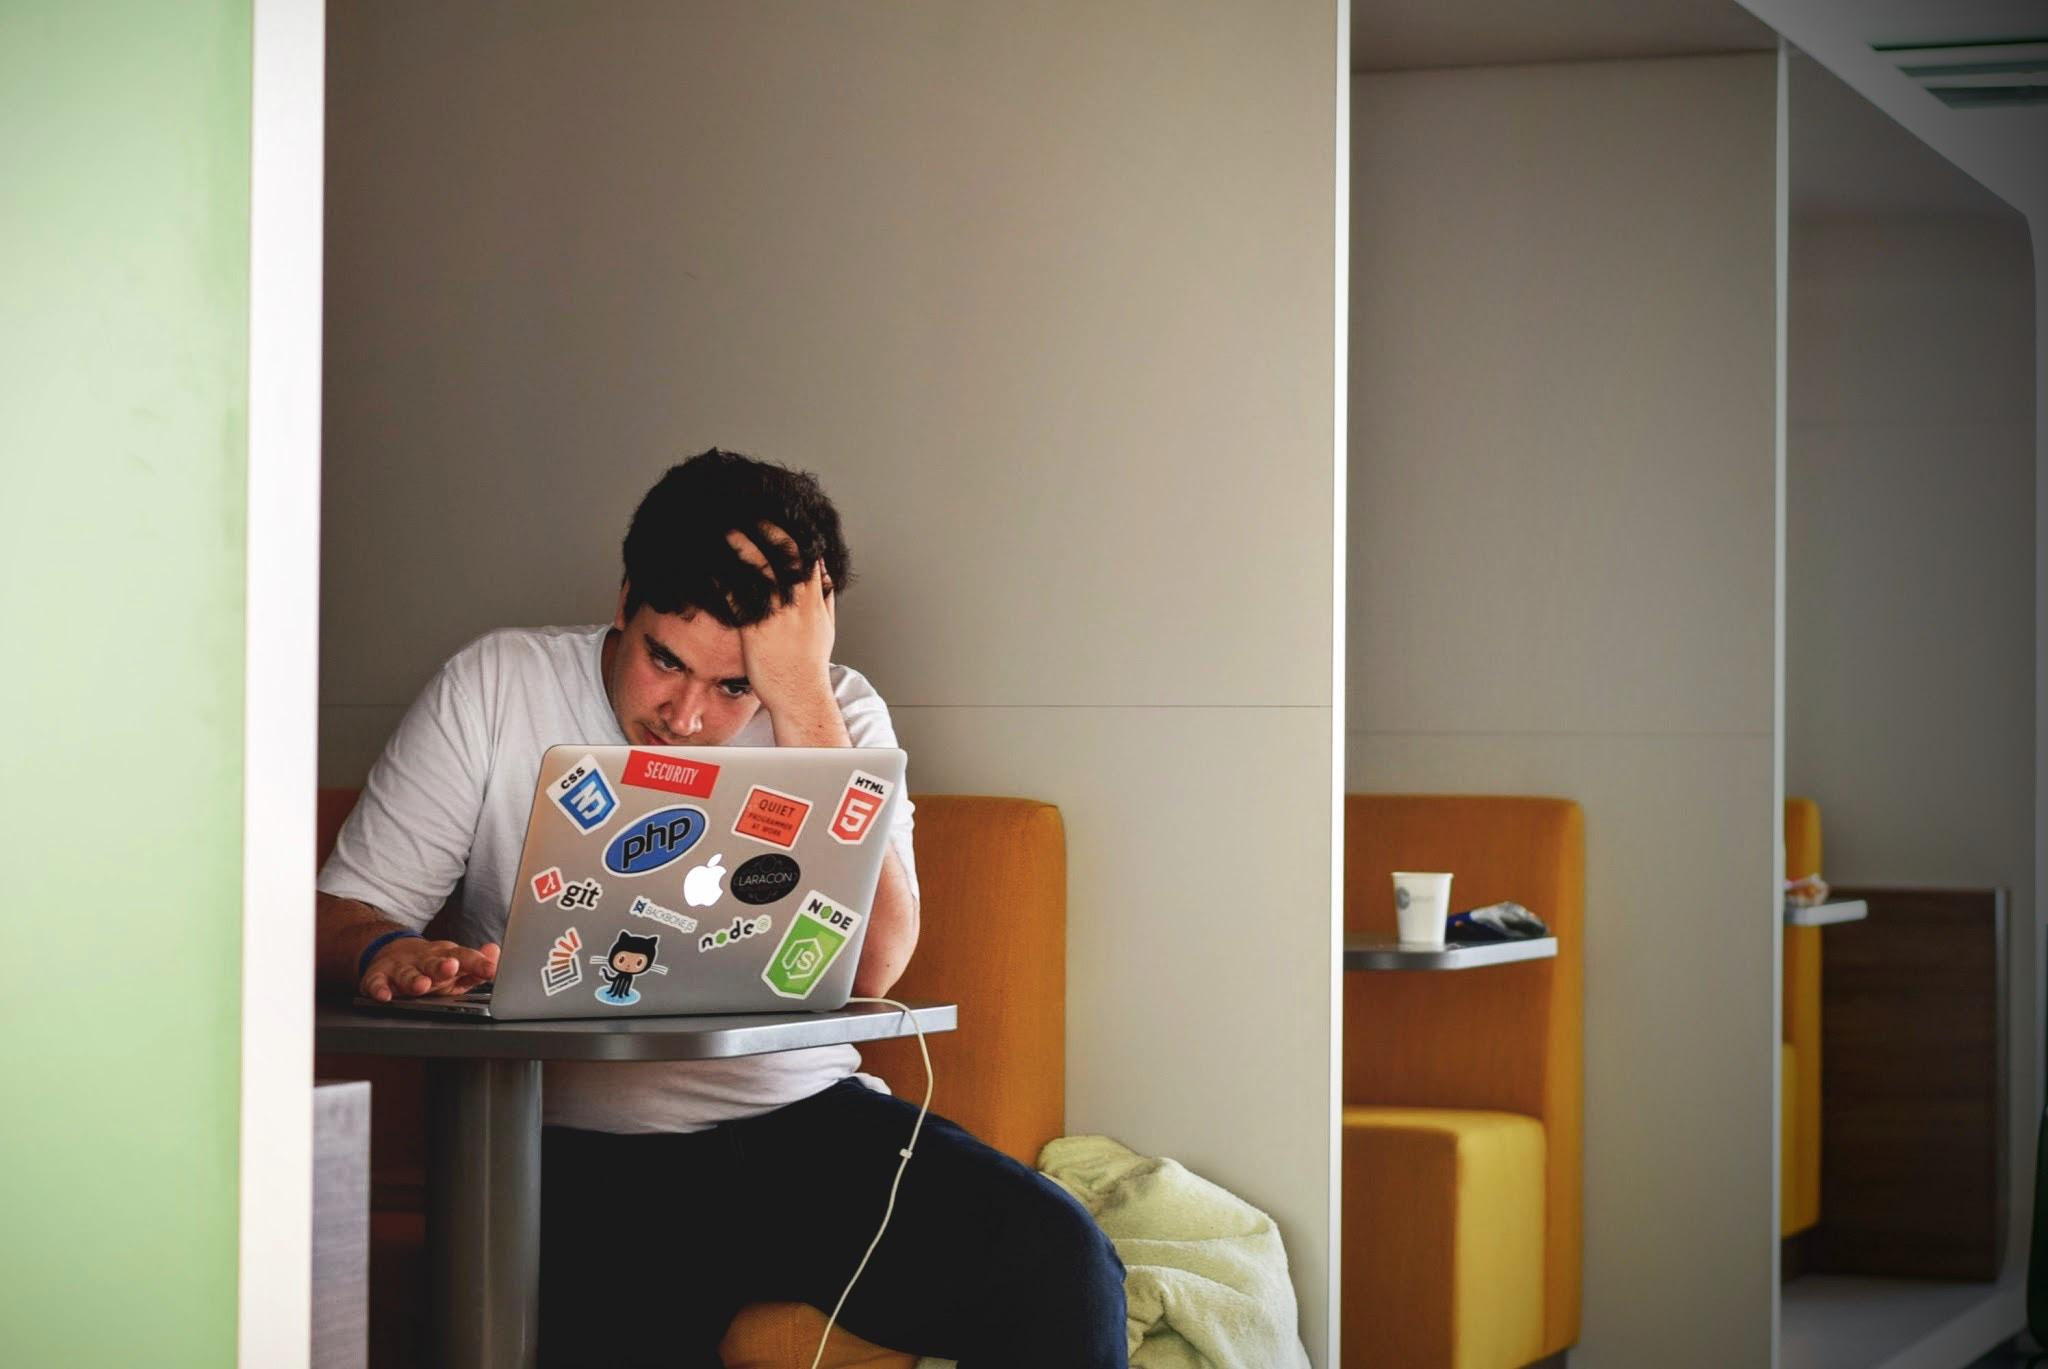 Mladi so vse bolj razočarani nad priložnostmi, ki jih ponuja življenje.